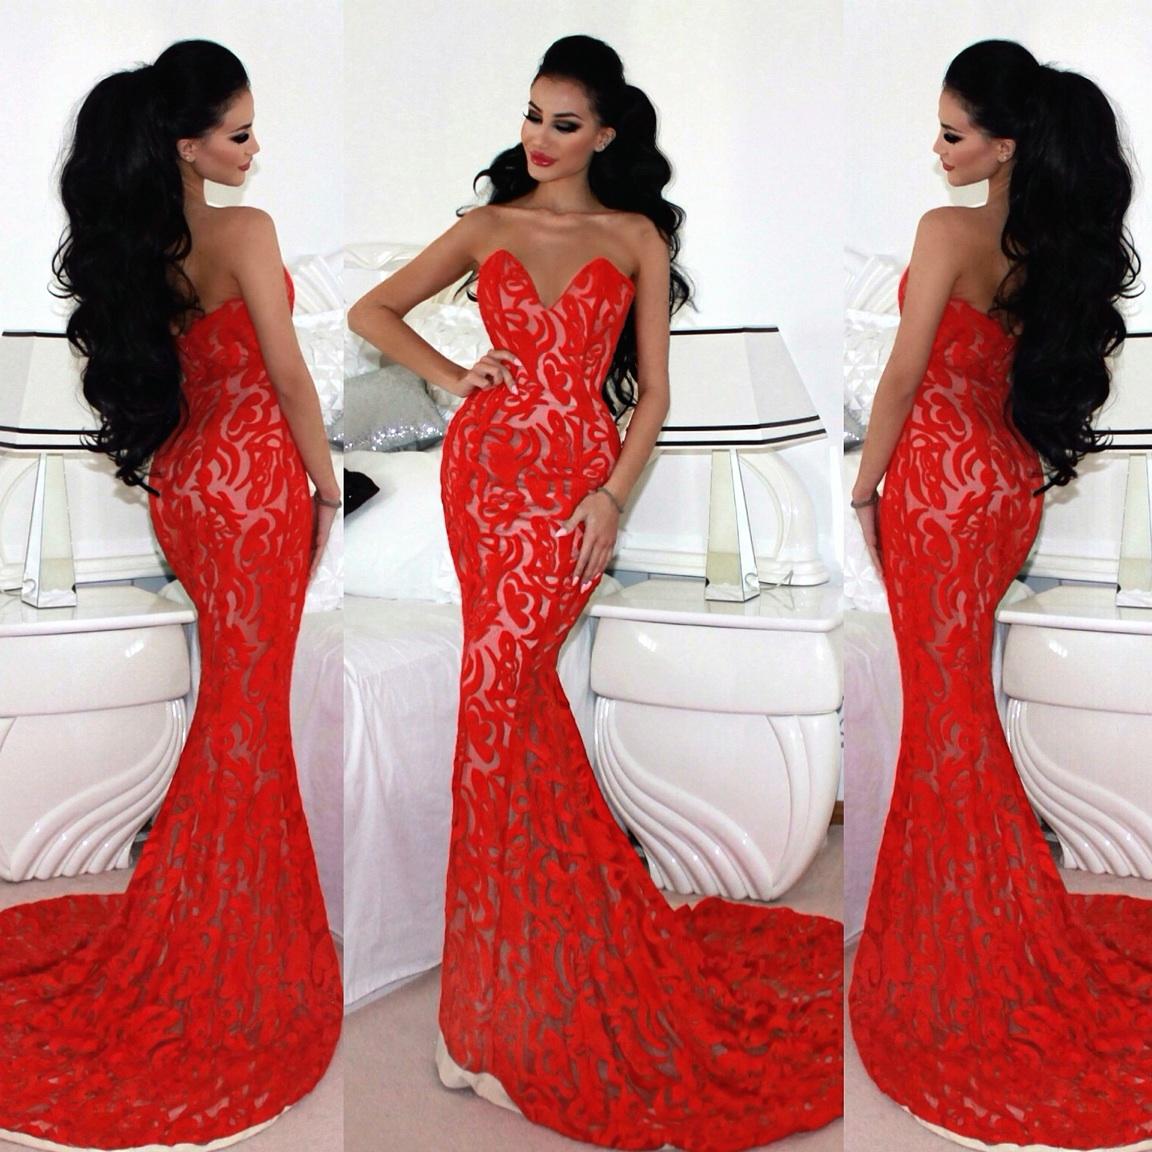 Секс мама к красном платье 13 фотография